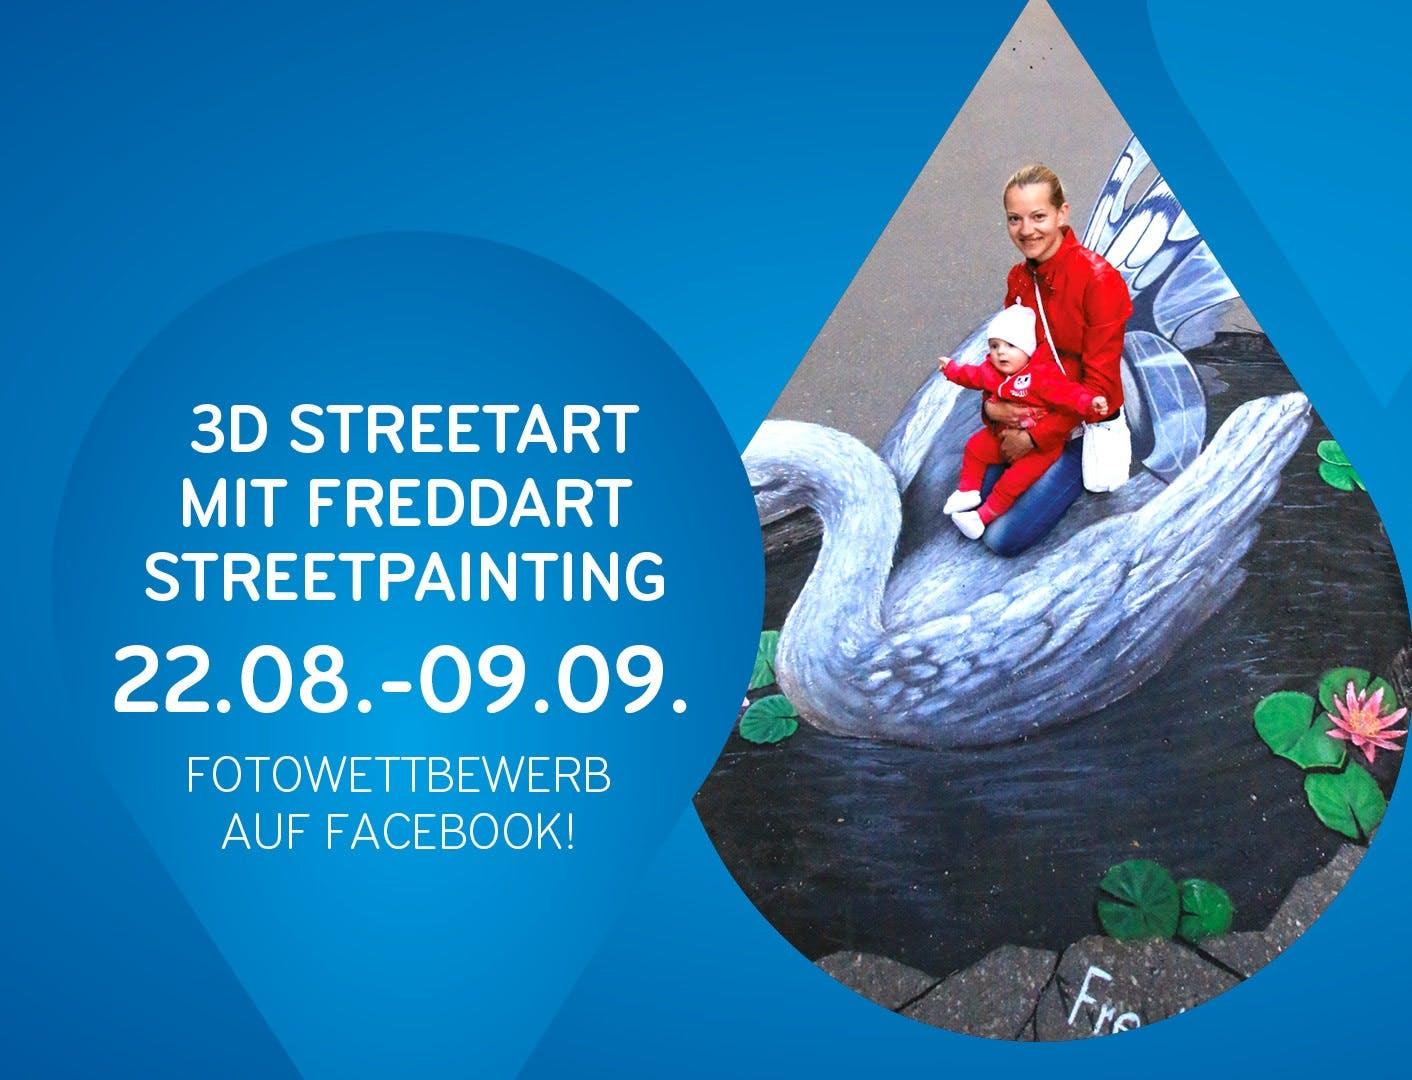 MUK-17185 3D Kuenstler Facebook Header 1412x1080